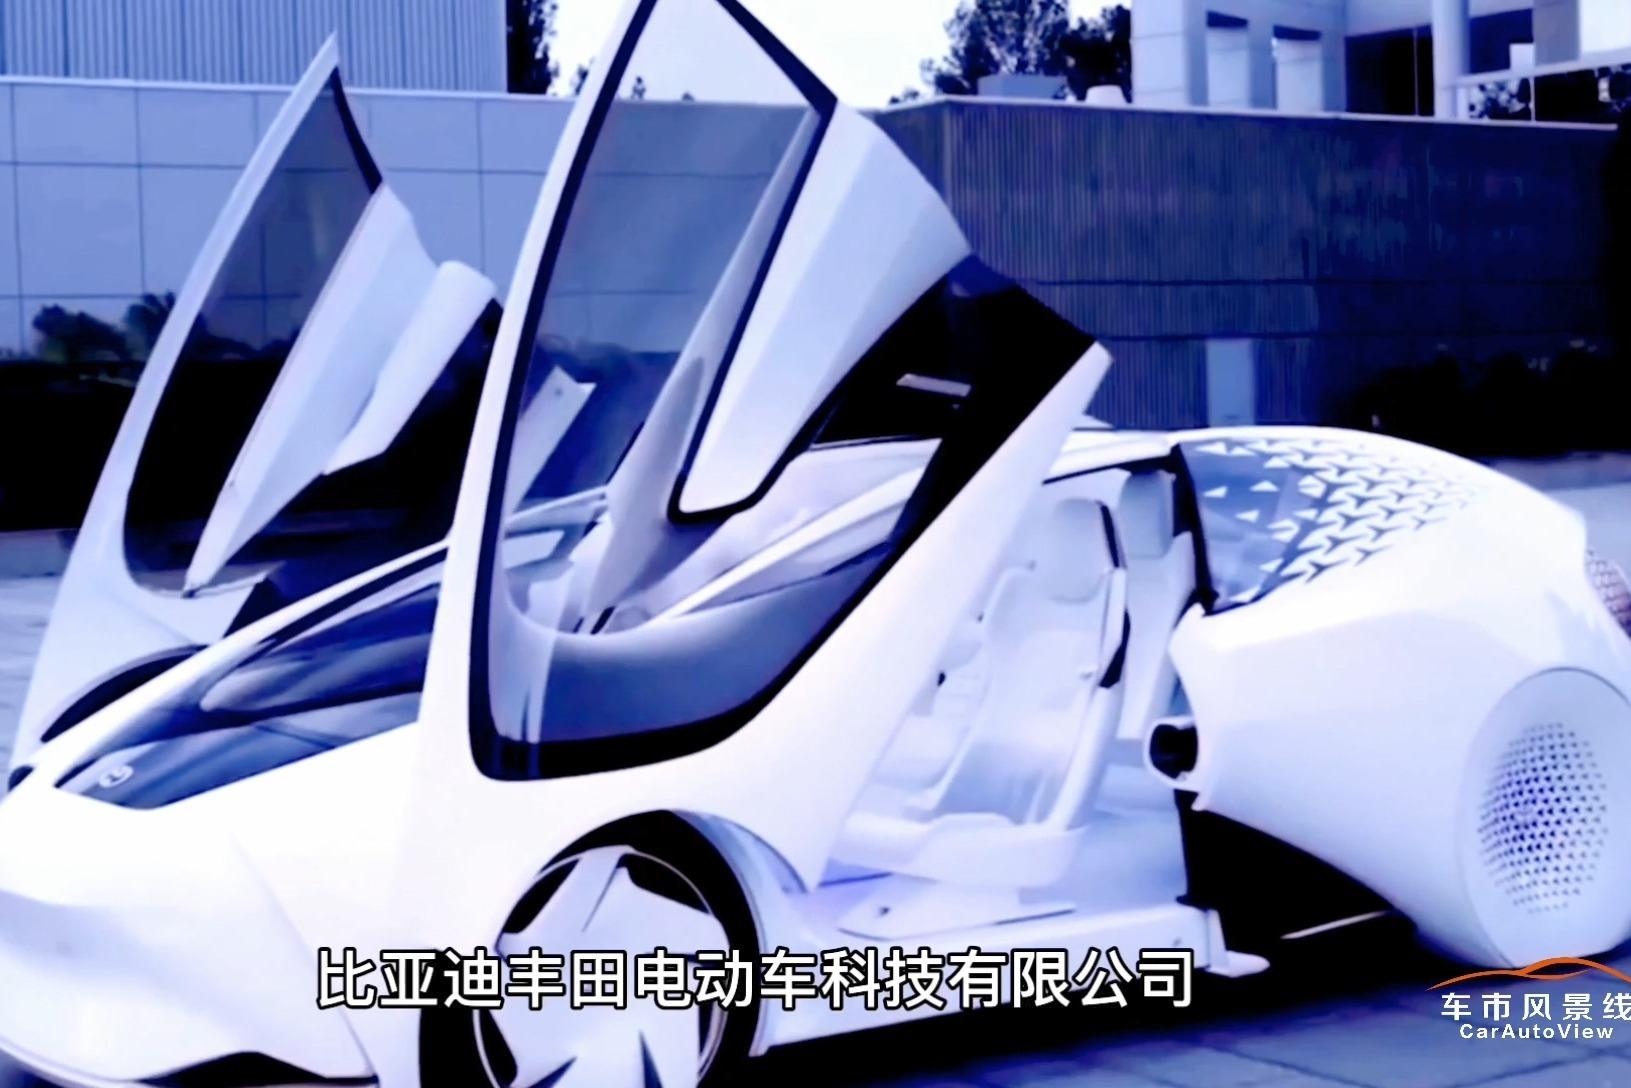 风景线一周车市观察:中汽协提车市建议 比亚迪丰田成立合资公司